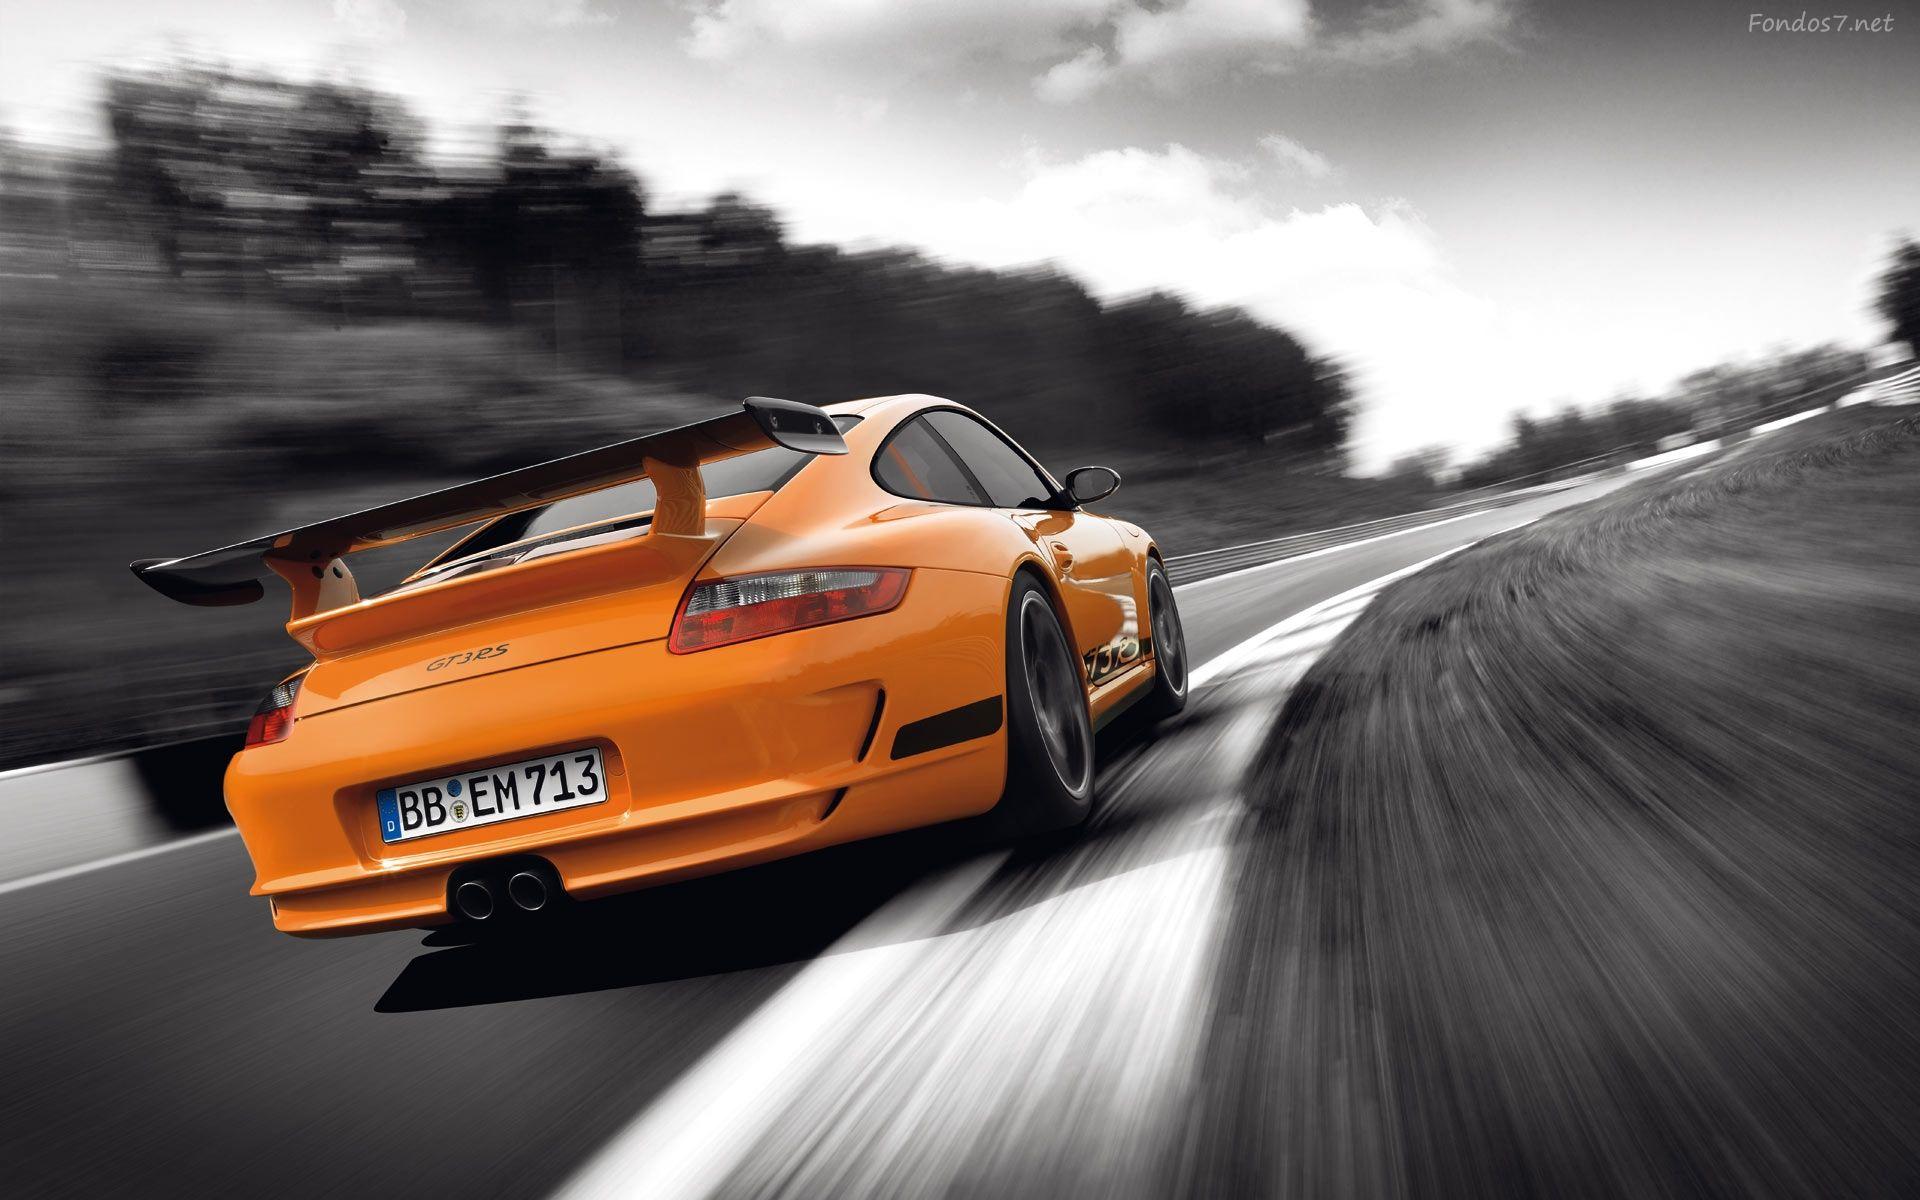 Resultado De Imagen Para Wallpaper De Autos Porsche Porsche Gt3 Porsche Gt